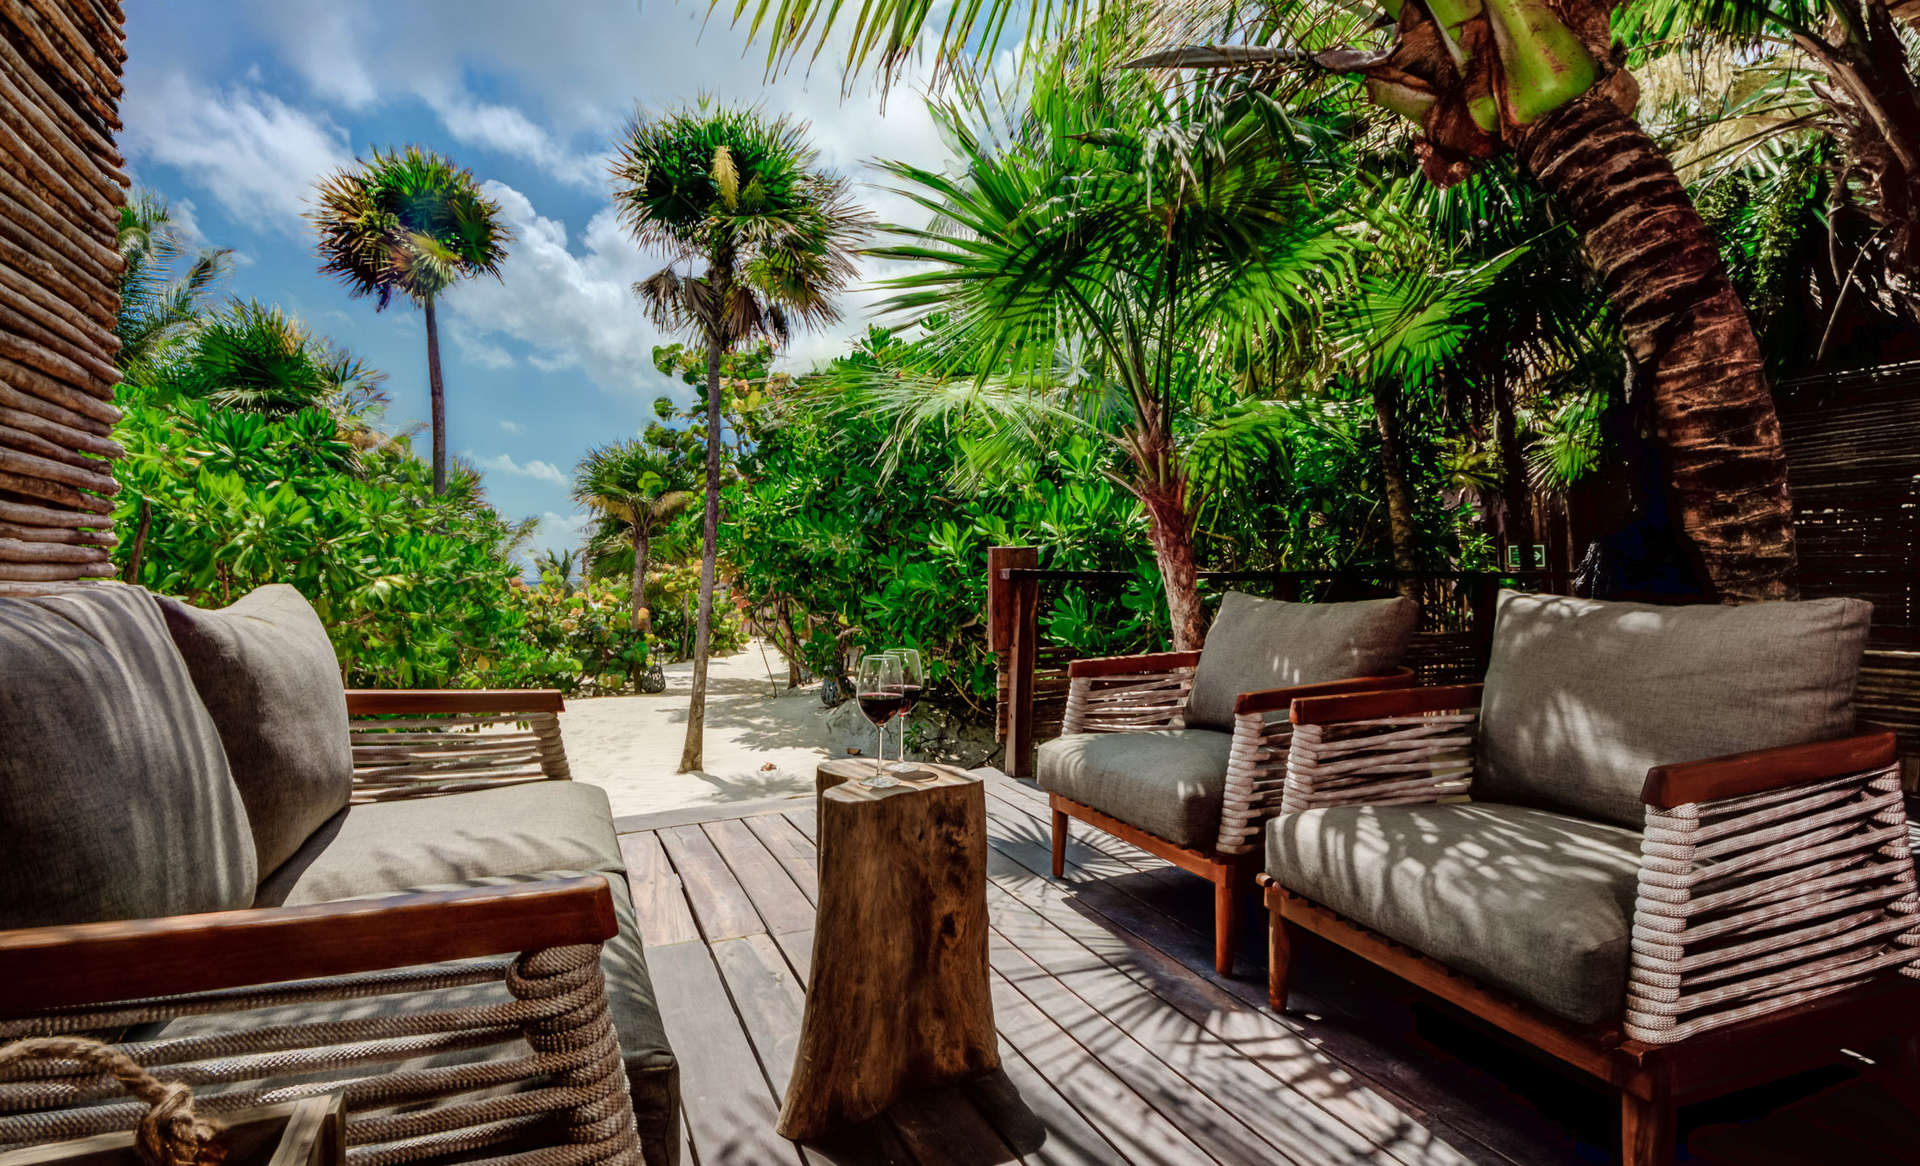 Luxury vacation rentals mexico - Riviera maya - Tulum - No location 4 - Casa Chechen - Image 1/21